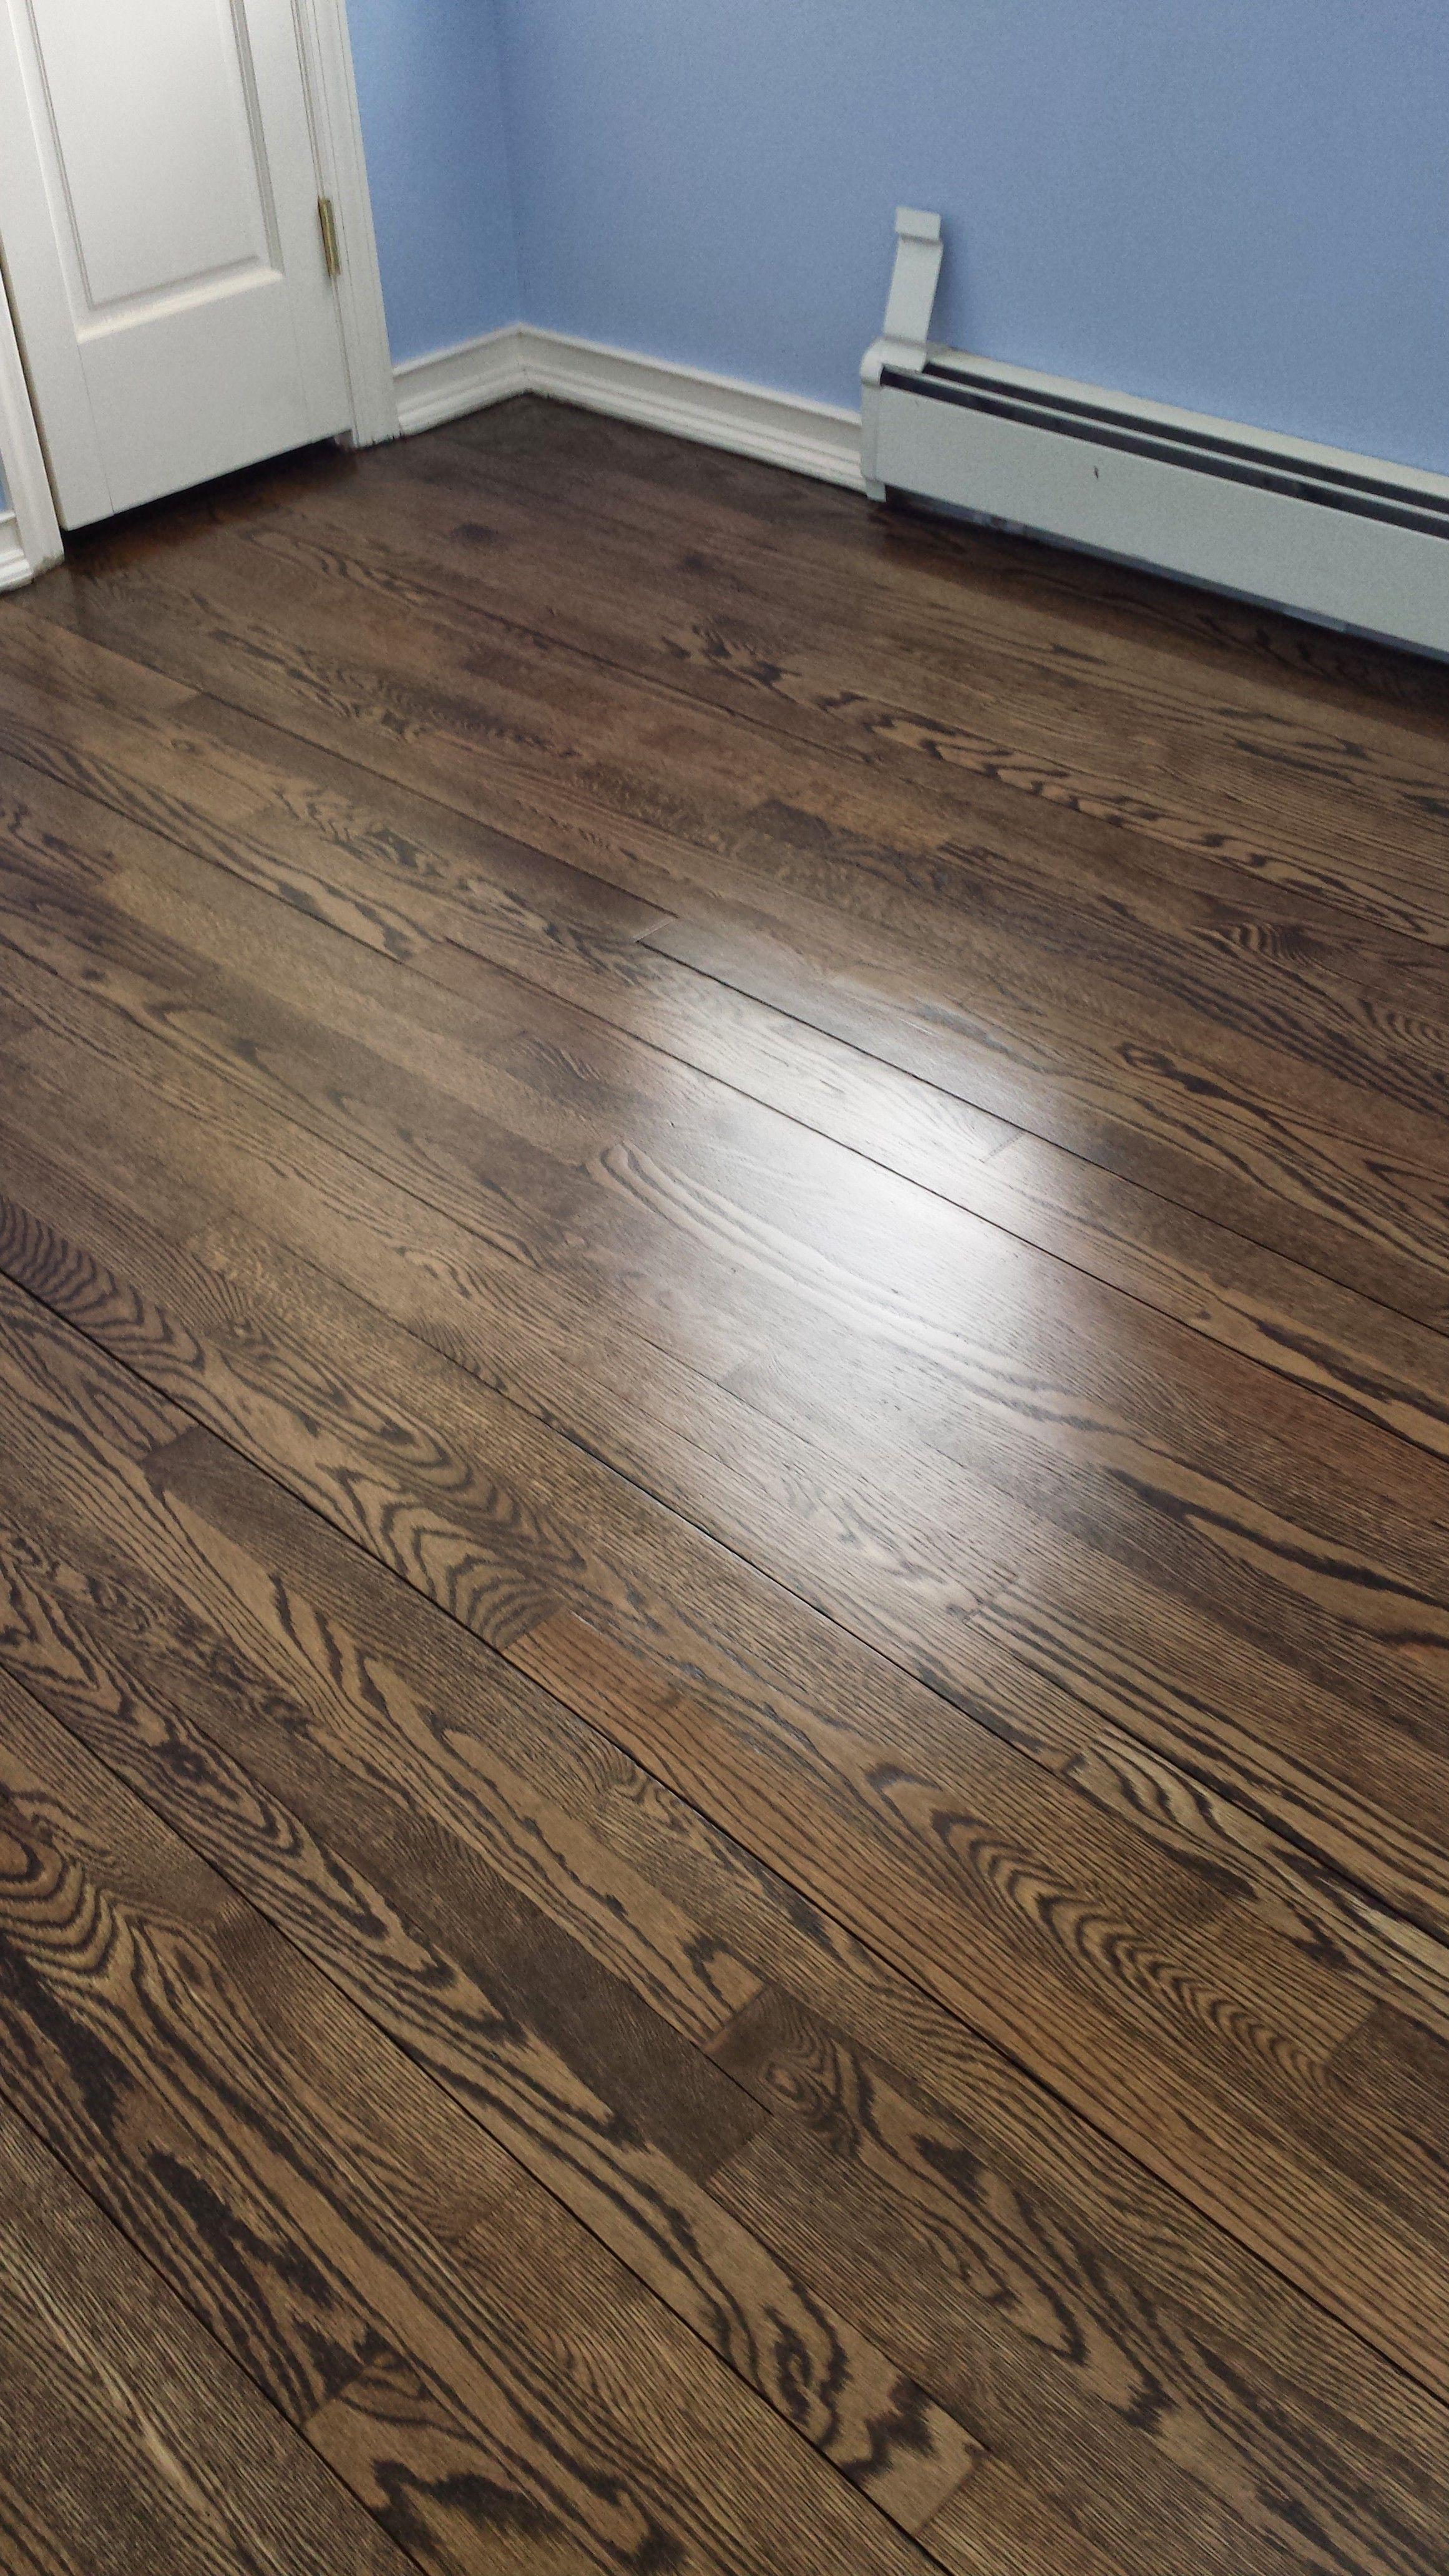 oak hardwood flooring denver of sanding hardwood floors diy floor in sanding hardwood floors diy great methods to use for refinishing hardwood floors